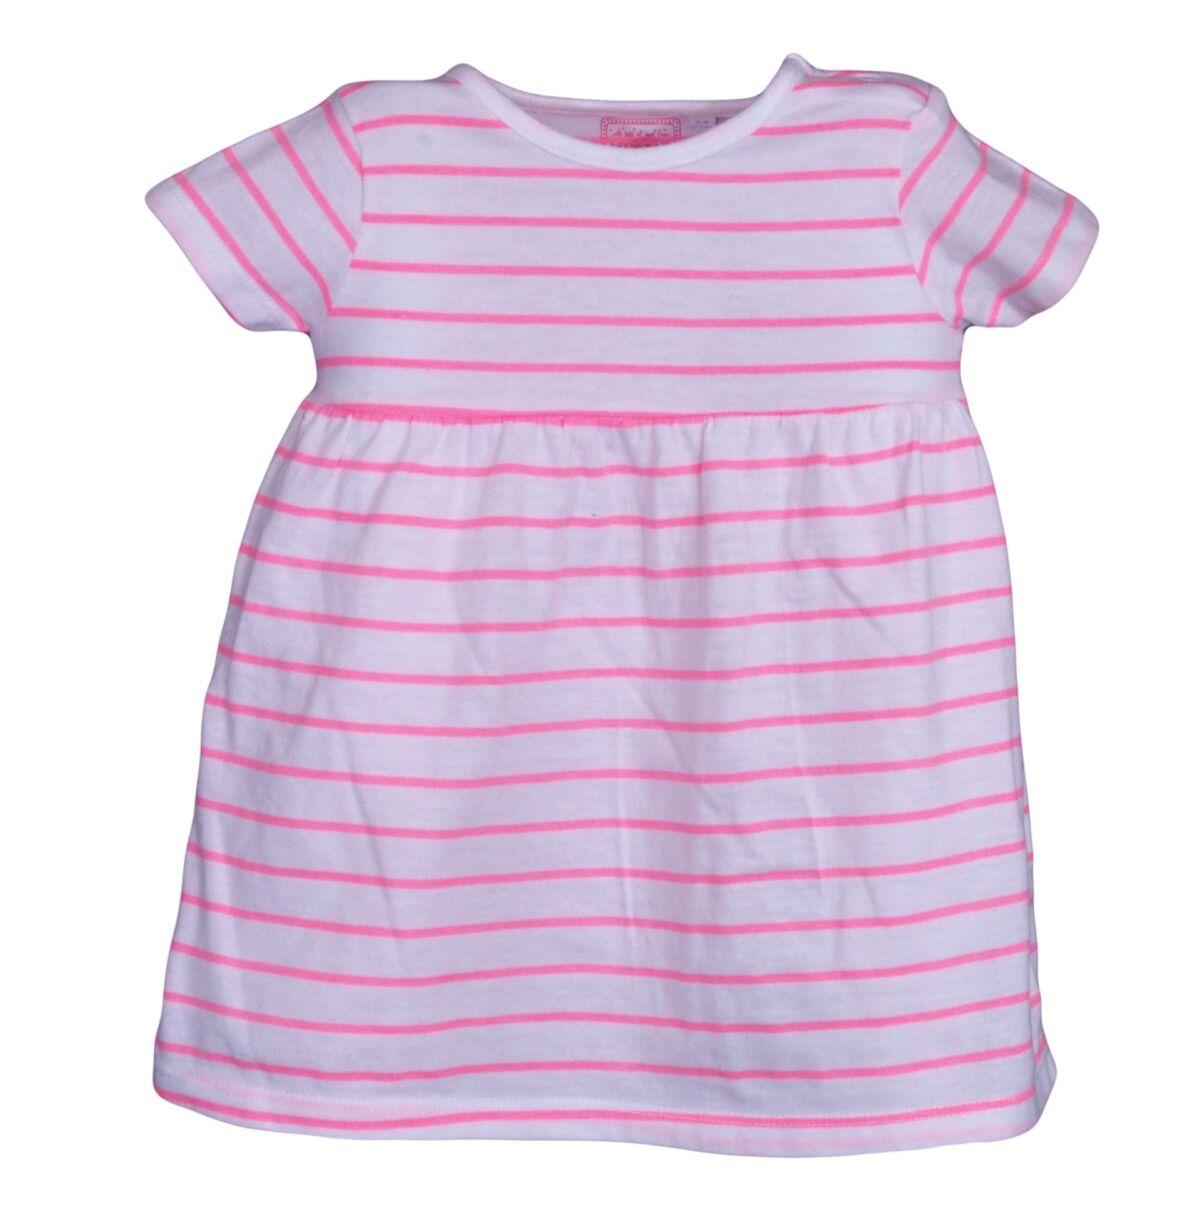 e3f1f7babf gyerekruha. Rózsaszín csíkos ruha ...